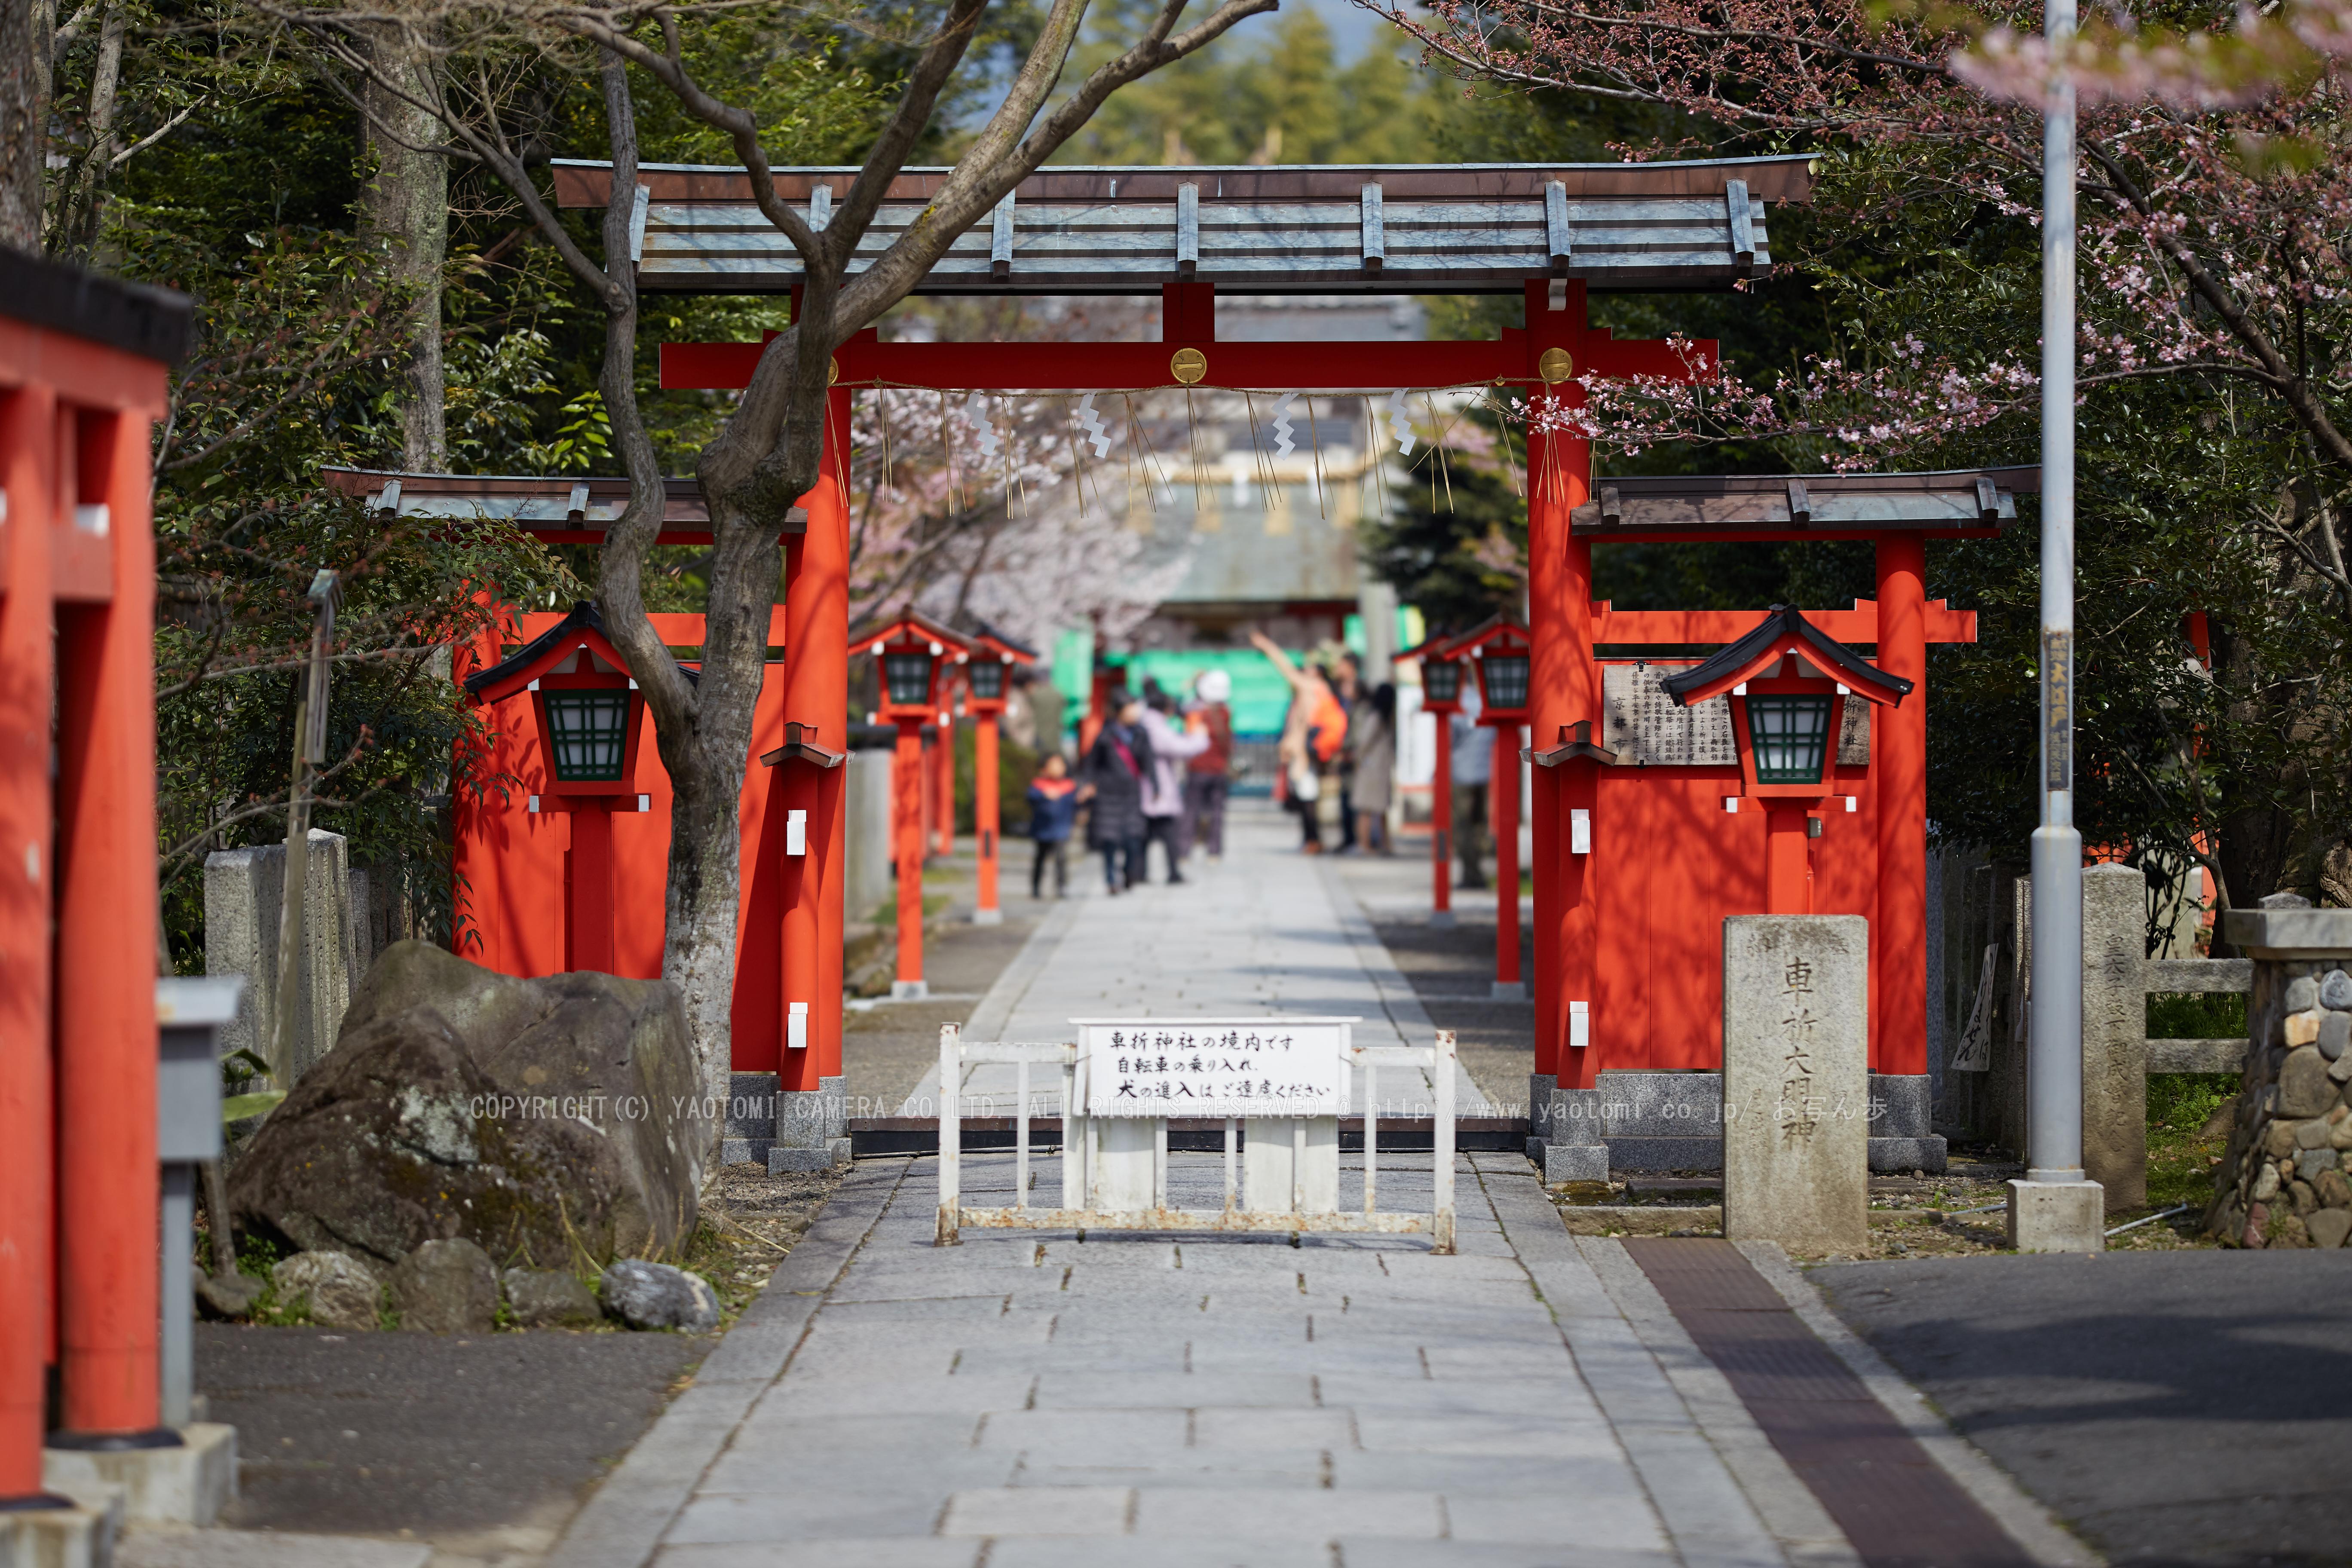 http://www.yaotomi.co.jp/blog/walk/%E8%BB%8A%E6%8A%98%E7%A5%9E%E7%A4%BE%E3%81%AE%E6%A1%9C_IMG_6557%2C2017yaotomi%202.jpg